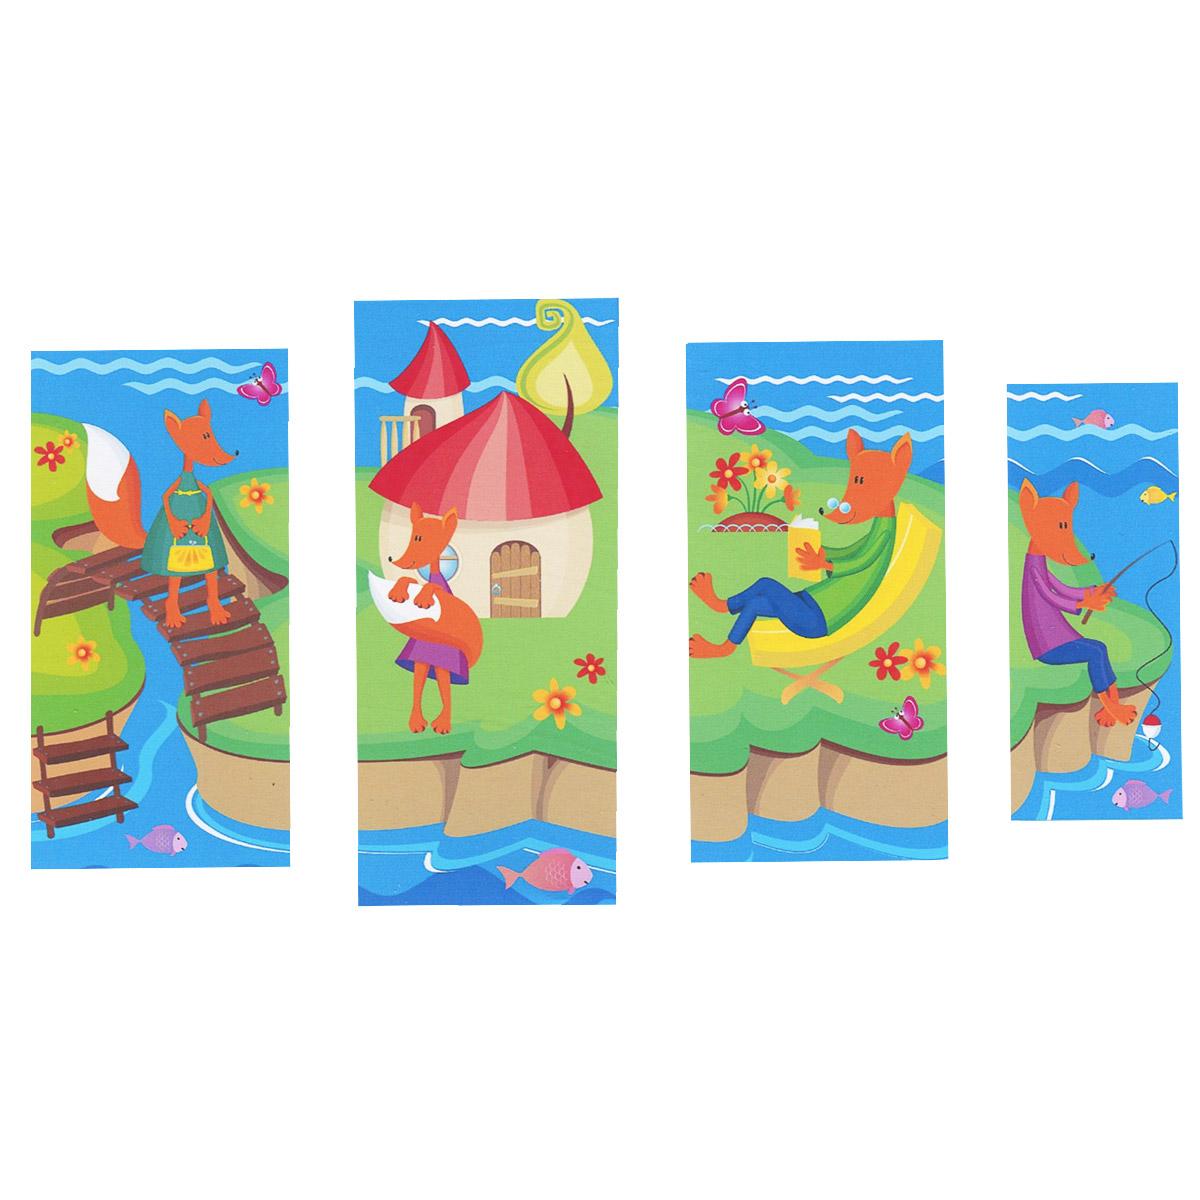 Модульная картина на холсте КвикДекор Лисичкин островок, 119 см х 70 смPSM-14-0406Модульная картина на холсте КвикДекор Лисичкин островок - это прекрасное решение для декора помещения. Картина состоит из четырех частей (модулей) разного размера, объединенных общей тематикой. Изображение переходит из одного модуля в другой. Модули вешаются на расстоянии 2-3 см друг от друга. Латексная печать (без запаха) на натуральном х/б холсте, галерейная натяжка на деревянные подрамники из высококачественной сосны. Такая картина будет потрясающе смотреться в детской комнате. Она привнесет в интерьер яркий акцент и сделает обстановку комфортной и уютной. Яркие краски и интересное оформление обязательно понравятся вашему малышу. Картина в стрейч-пленке с защитными картонными уголками упакована в гофрокоробку с термоусадкой. Размер модулей: 20 см х 50 см (1 шт); 30 см х 60 см (2 шт); 30 см х 70 см (1 шт). Количество модулей: 4 шт. Общий размер картины: 119 см х 70 см. Художник: Екатерина Копус.